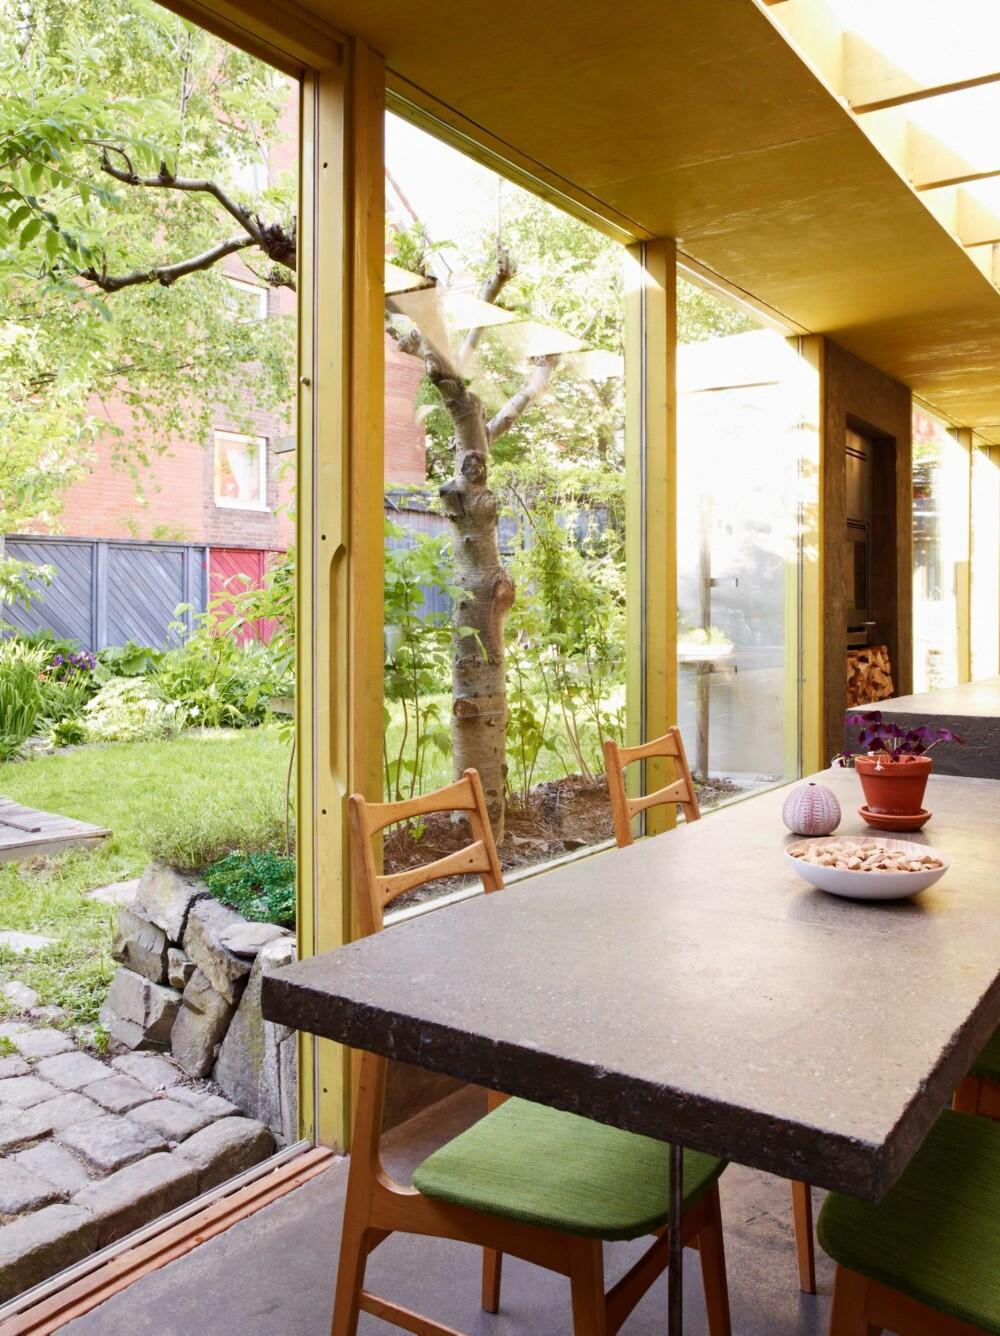 UTSYN MOT HAGEN: Tidligere var hagen et sted som lå utenfor huset. Tilbyggets store glassflater bidrar til at hagen integreres i boligen, som et ekstra rom. Nærkontakten med hagen gjør at det aldri føles trangt på kjøkkenet.